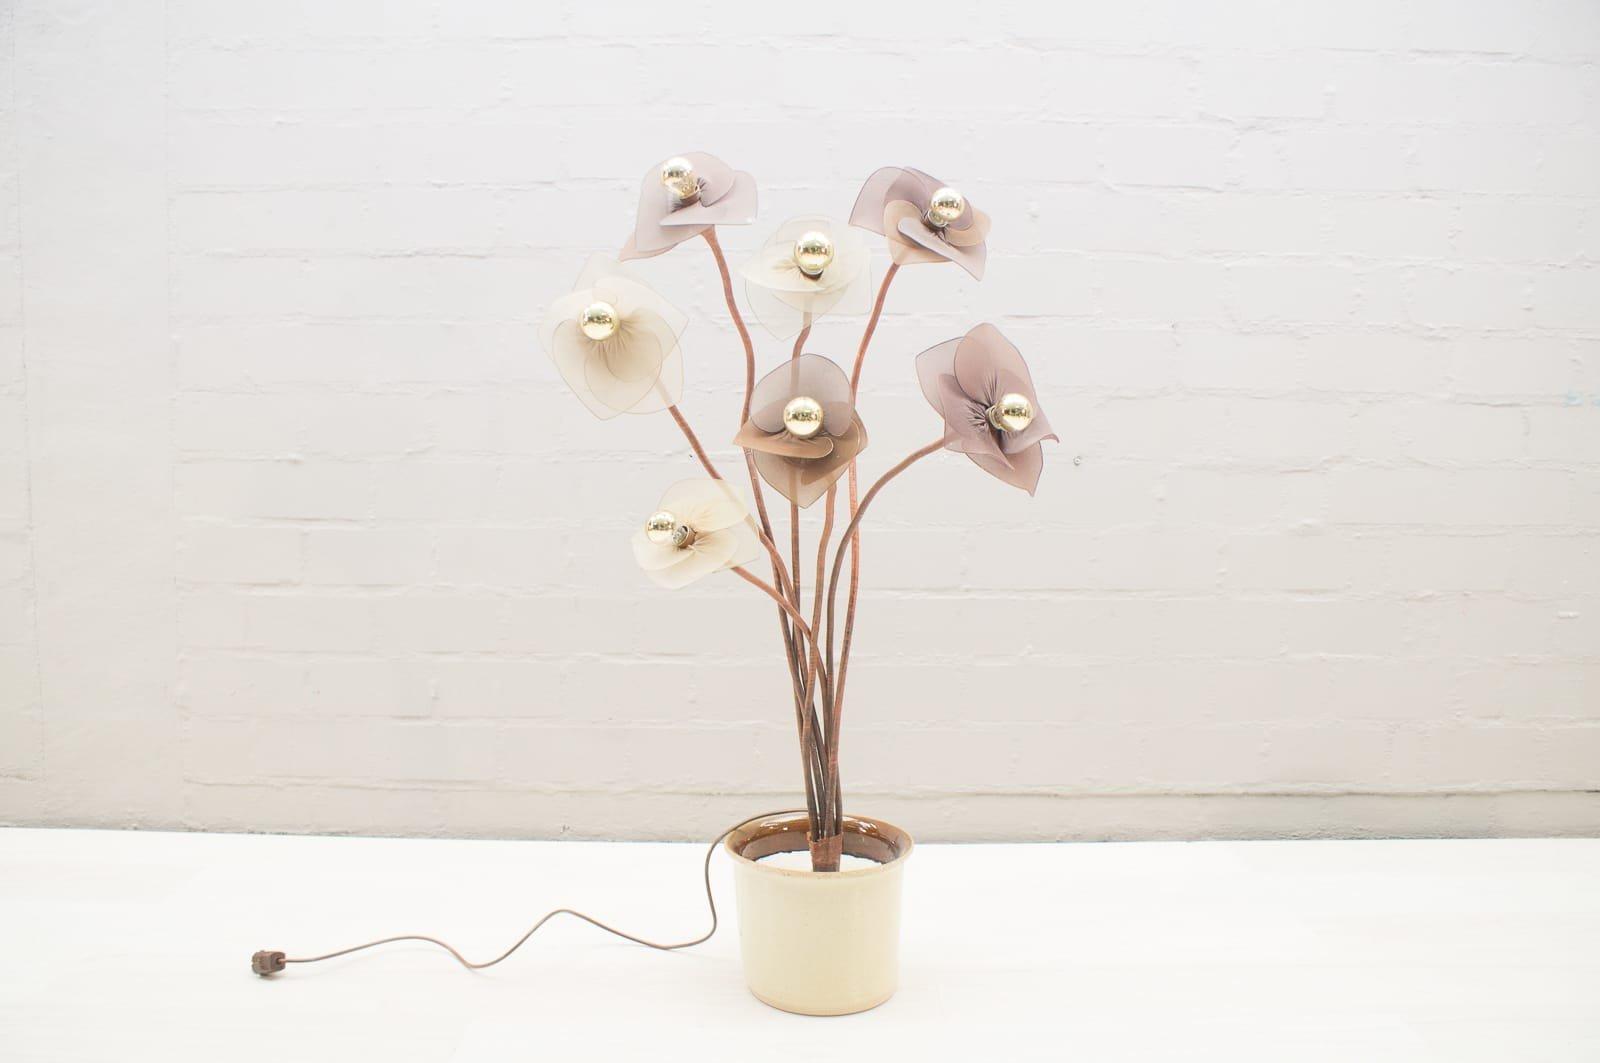 Vintage Regency Stehlampe in Blumen-Optik, 1960er